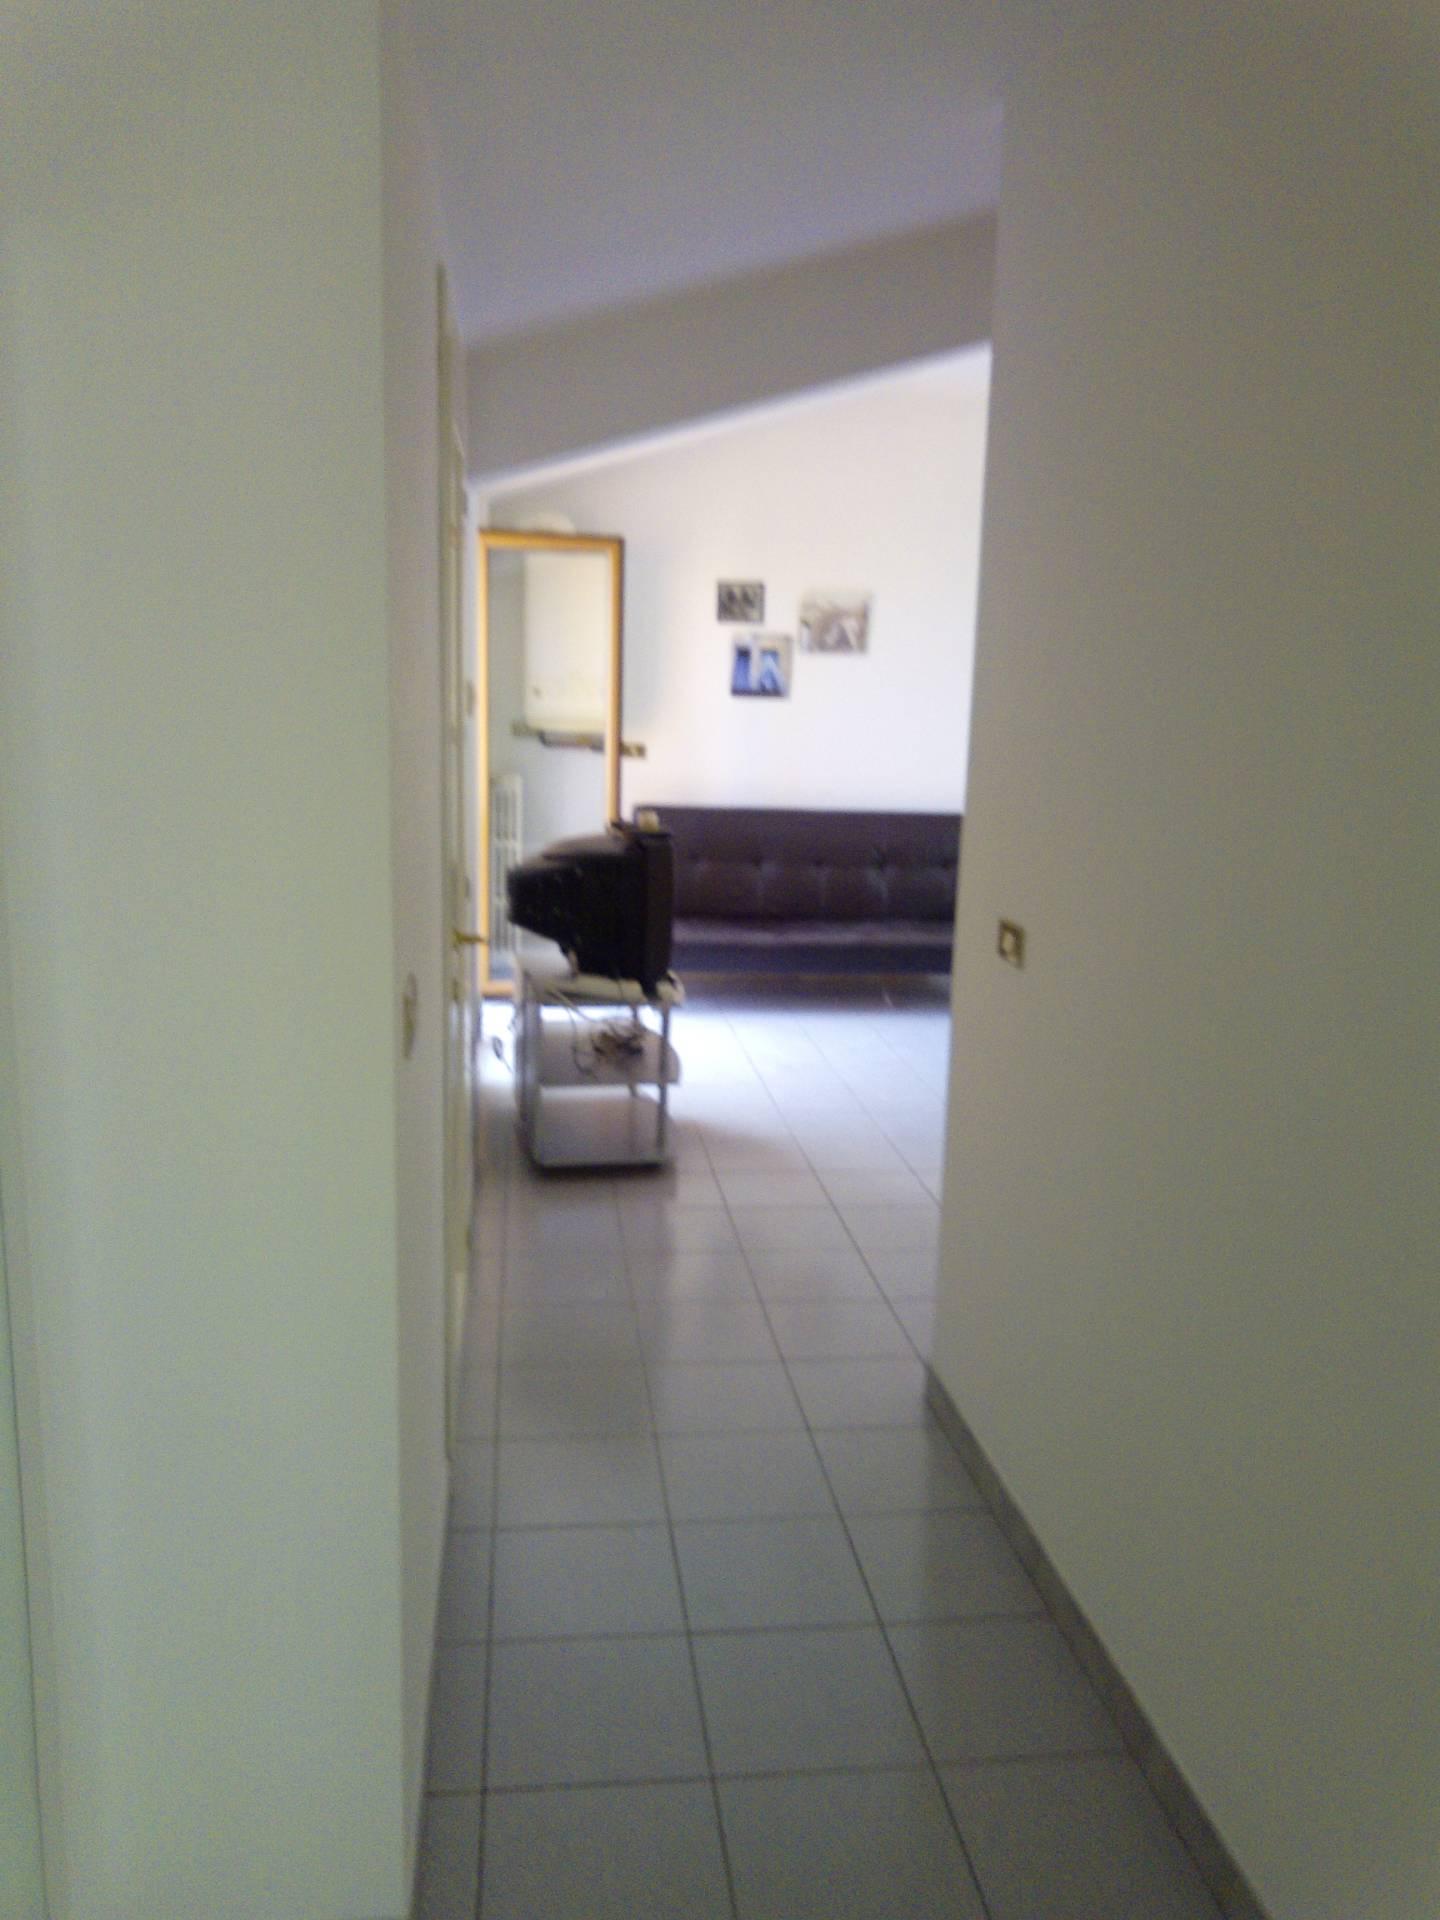 Appartamento CHIETI vendita  Scalo  Immobiliare Lattanzio e Miccoli snc